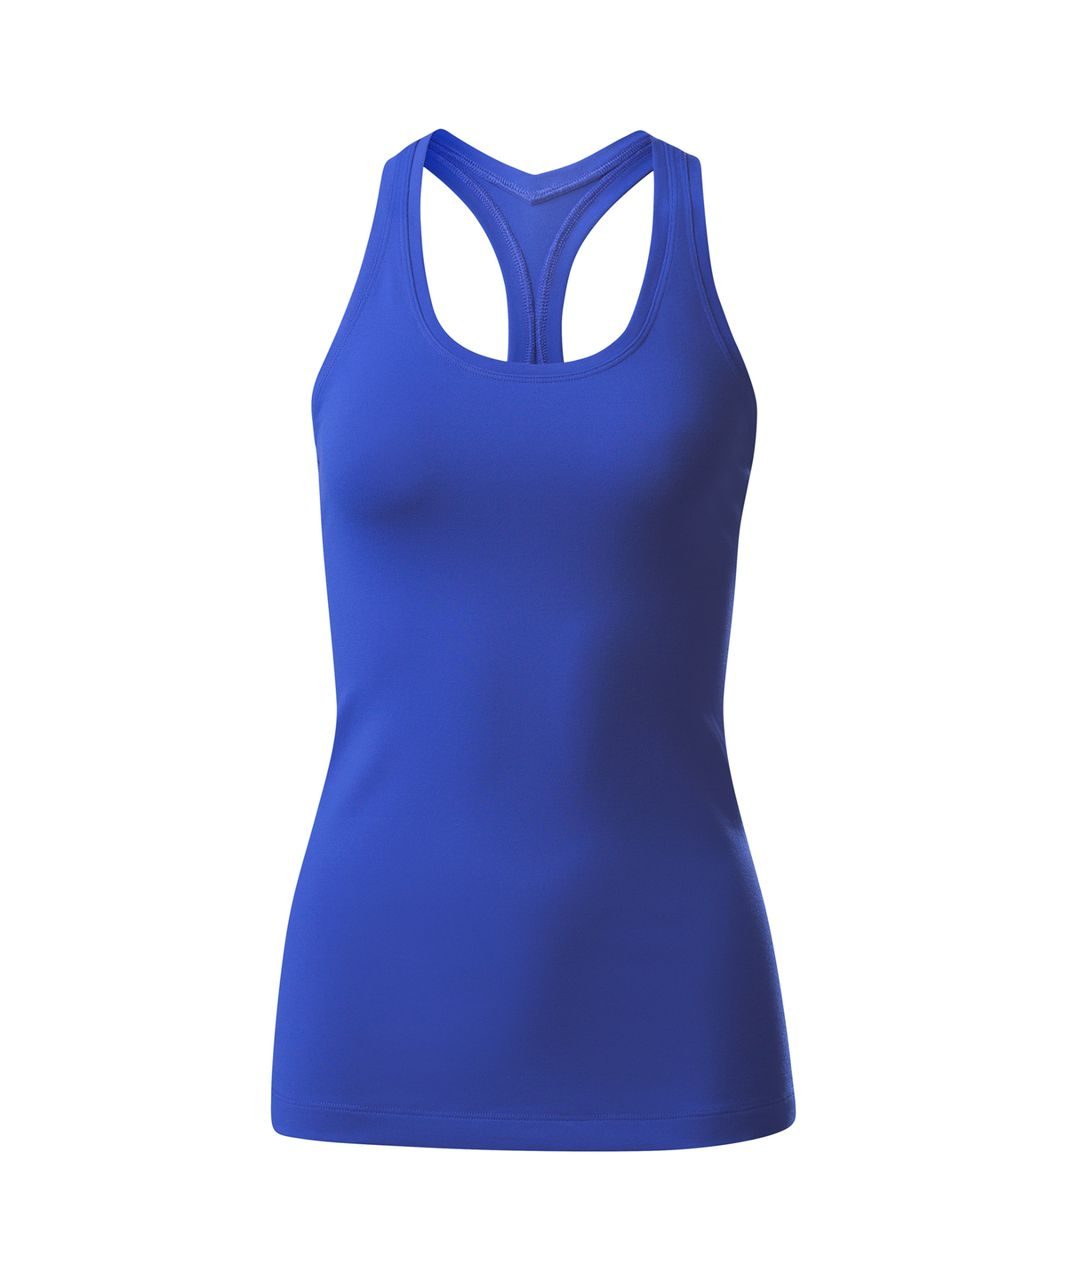 Lululemon Cool Racerback II - Sapphire Blue